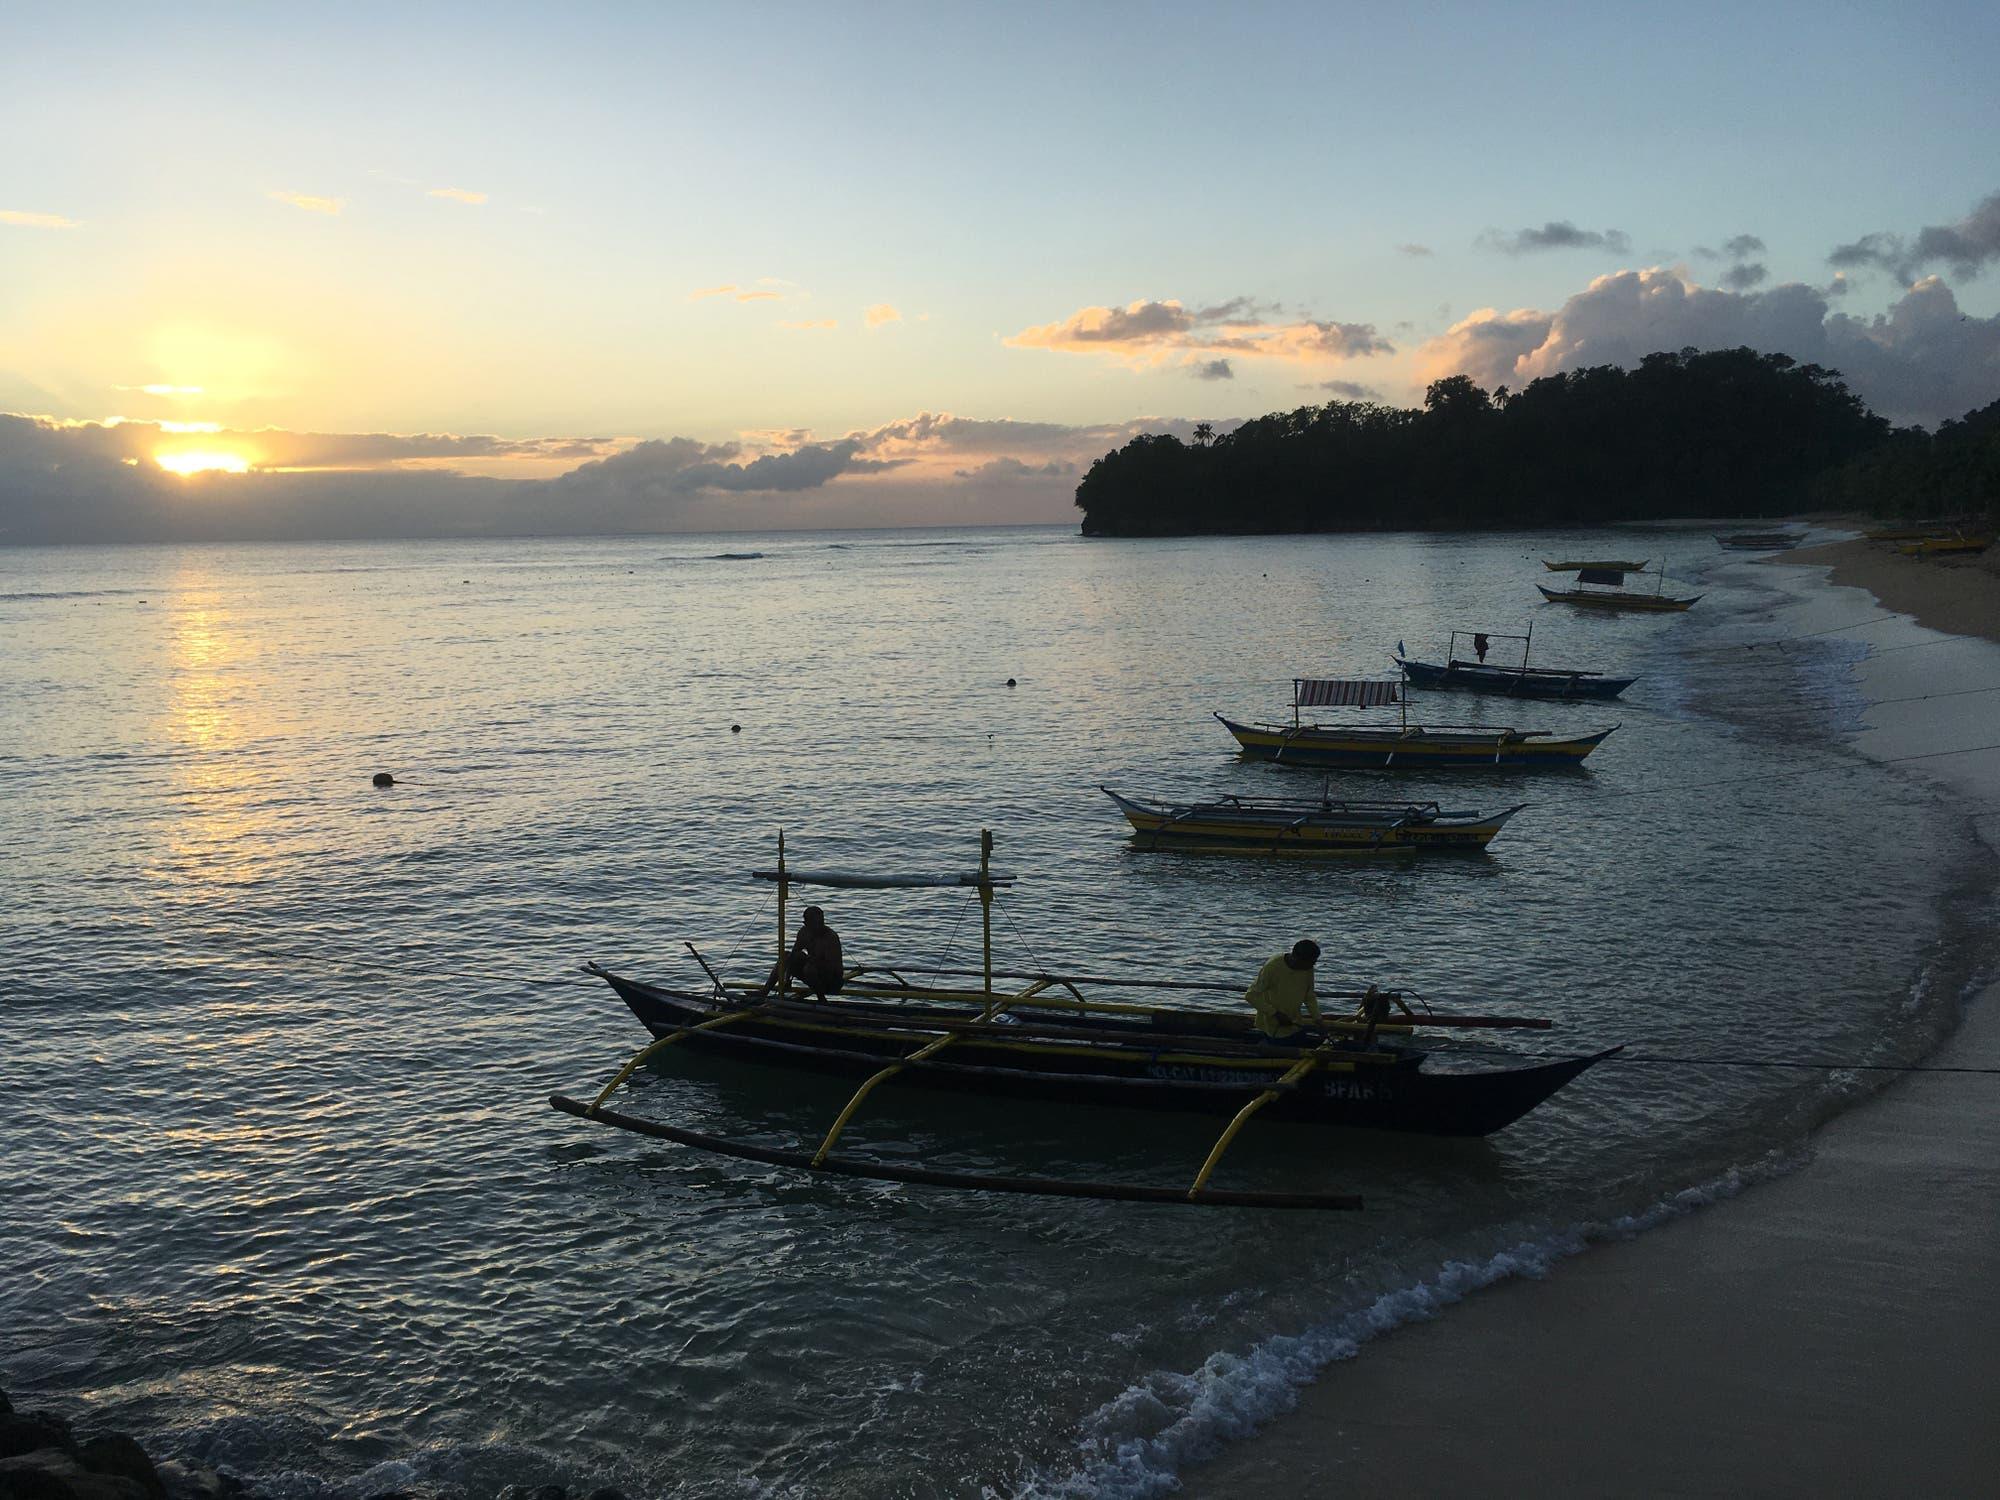 Die schmalen Boote der philippinischen Fischer sind alles andere als hochseetauglich